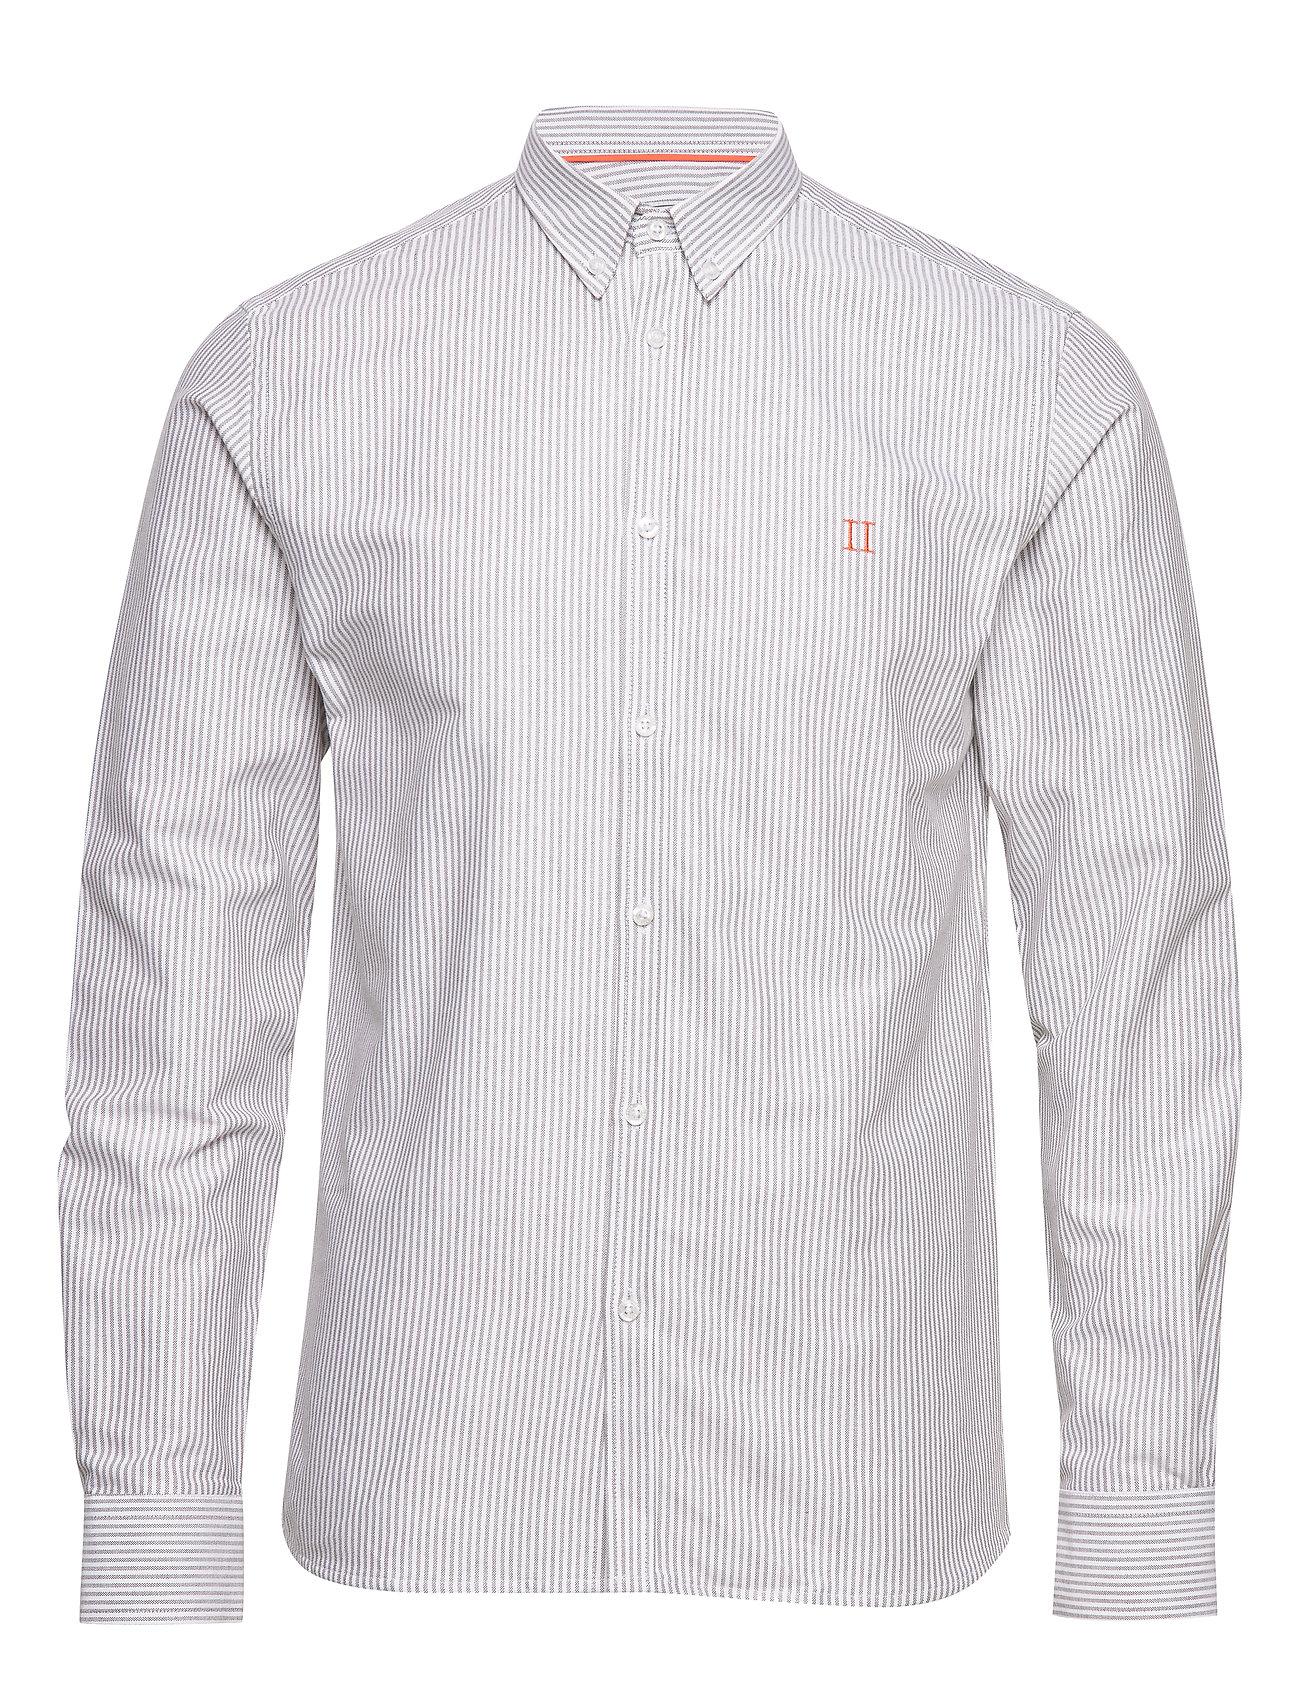 Les Deux Oliver Oxford Shirt - 5892-DARK OLIVE STRIPE